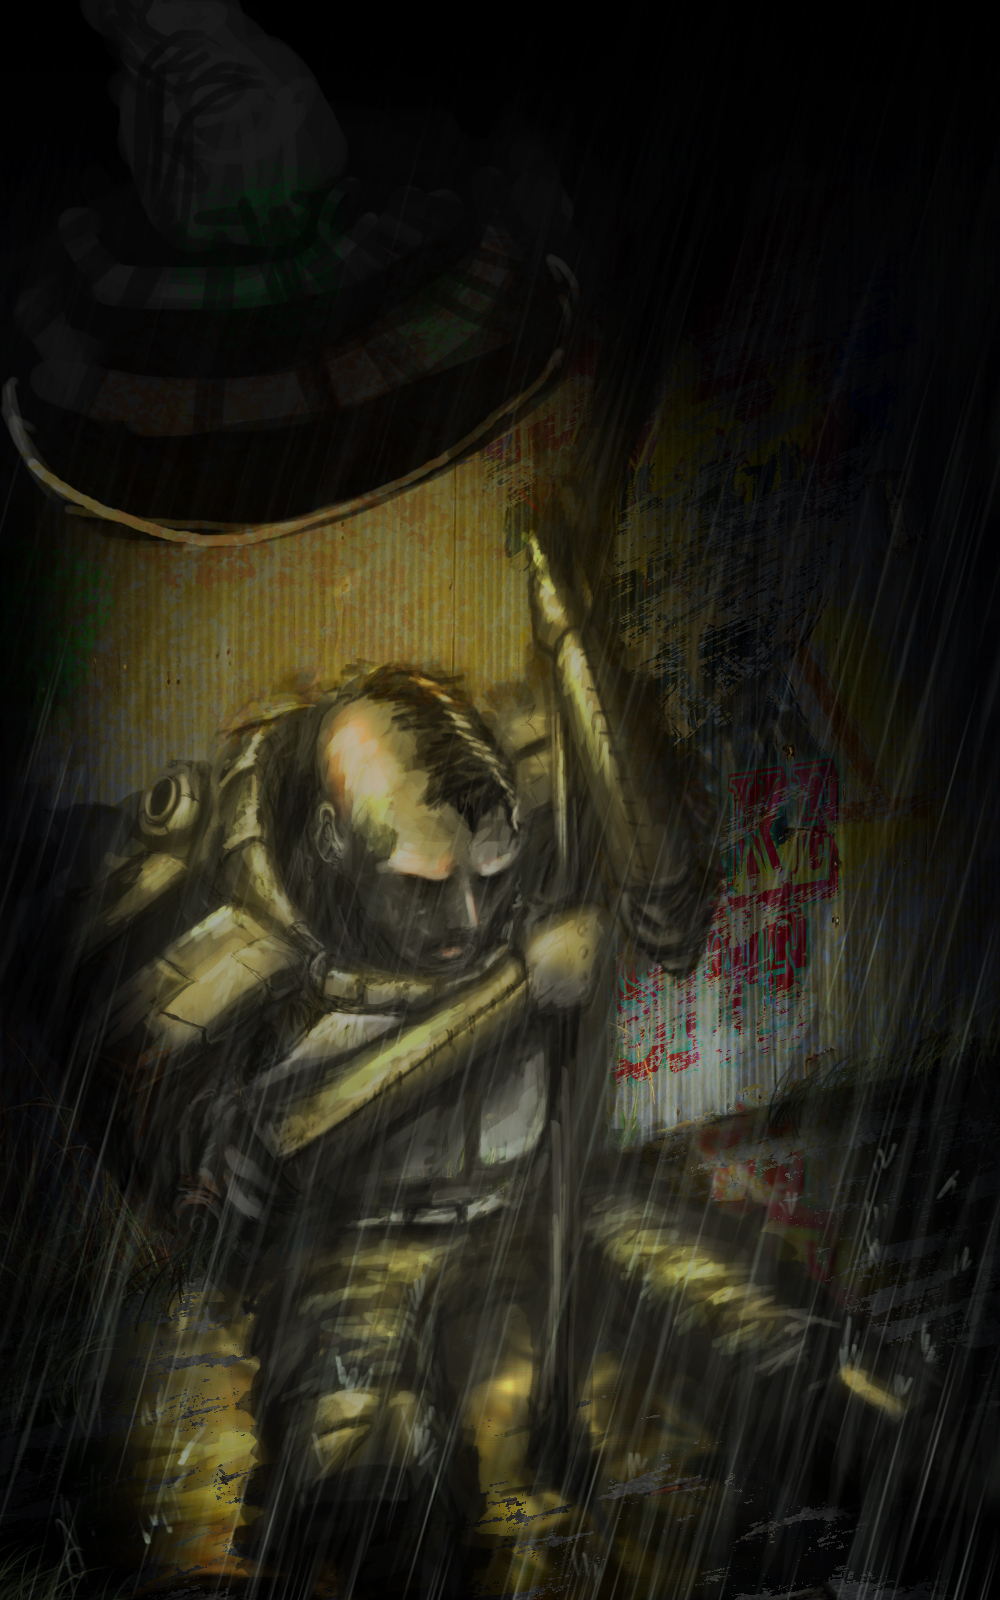 (Rain)Riot Suppression by cksghdishfwk